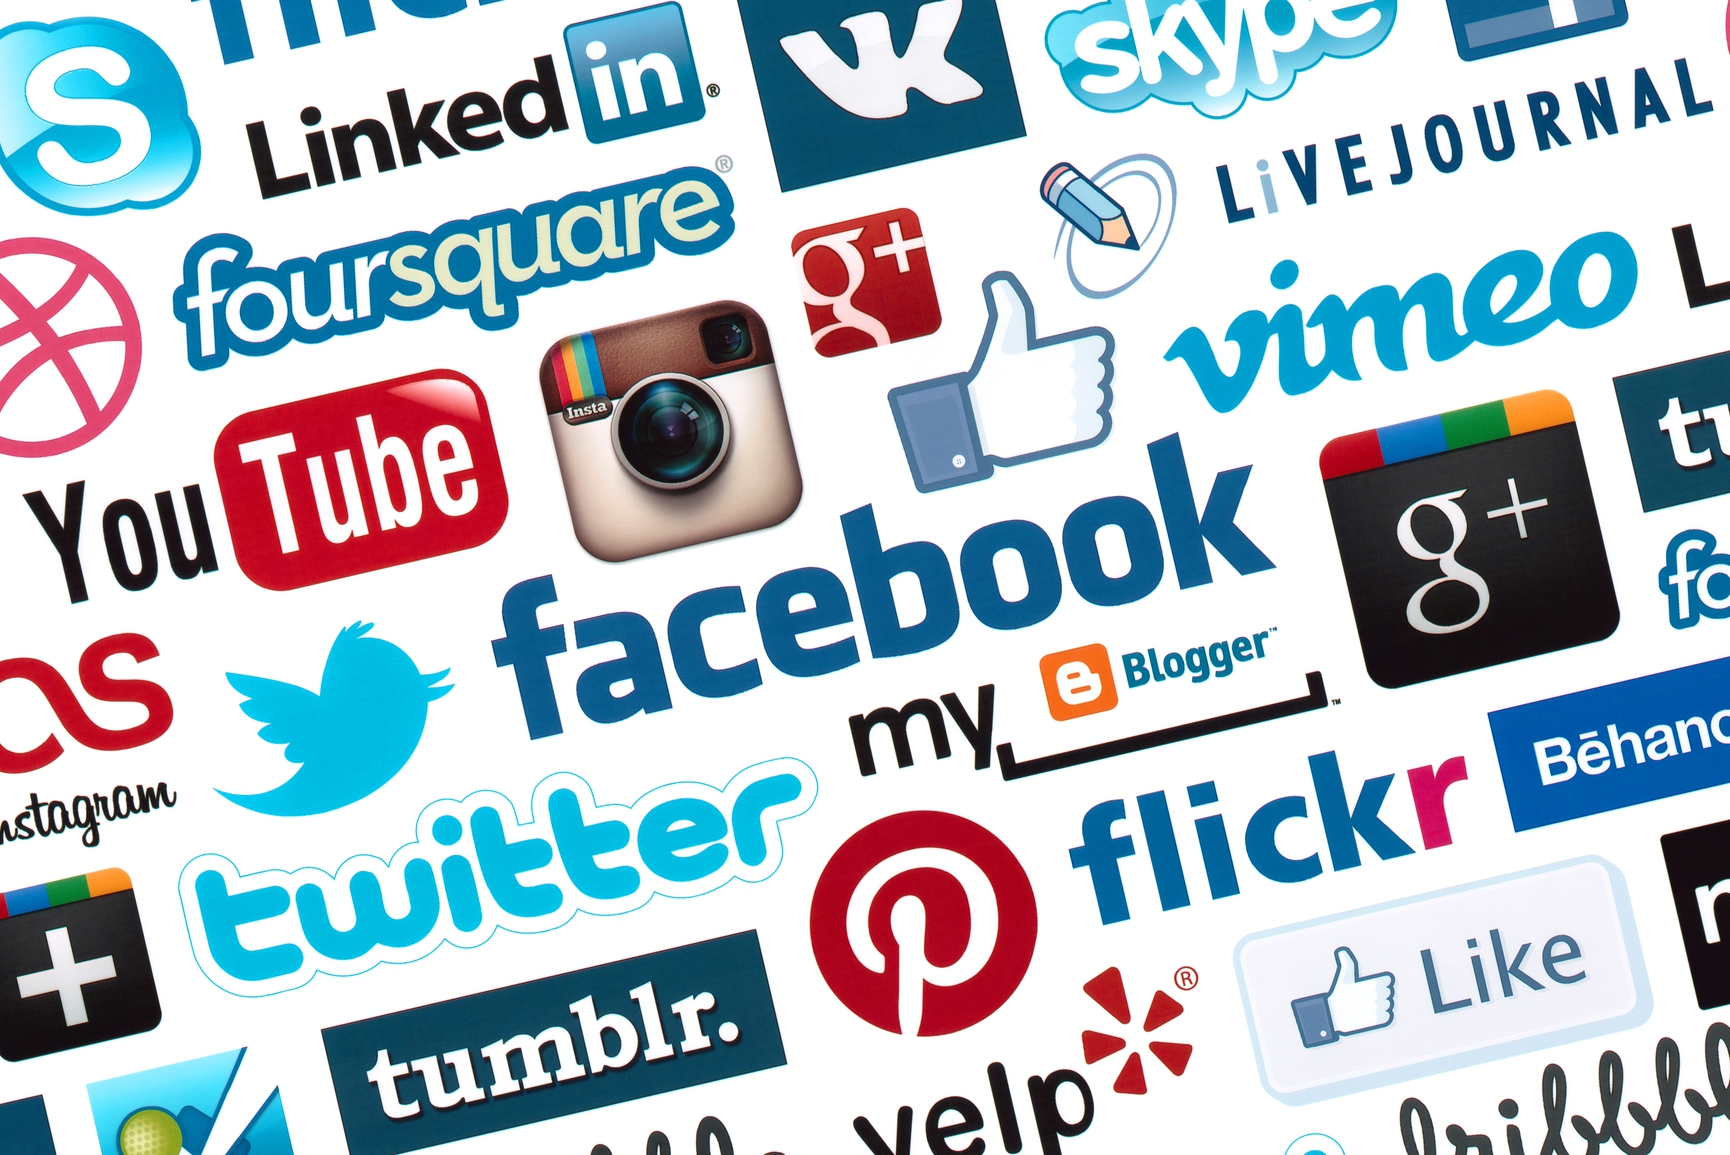 США: Молоді демократи більш активні у соціальних медіа, ніж республіканці